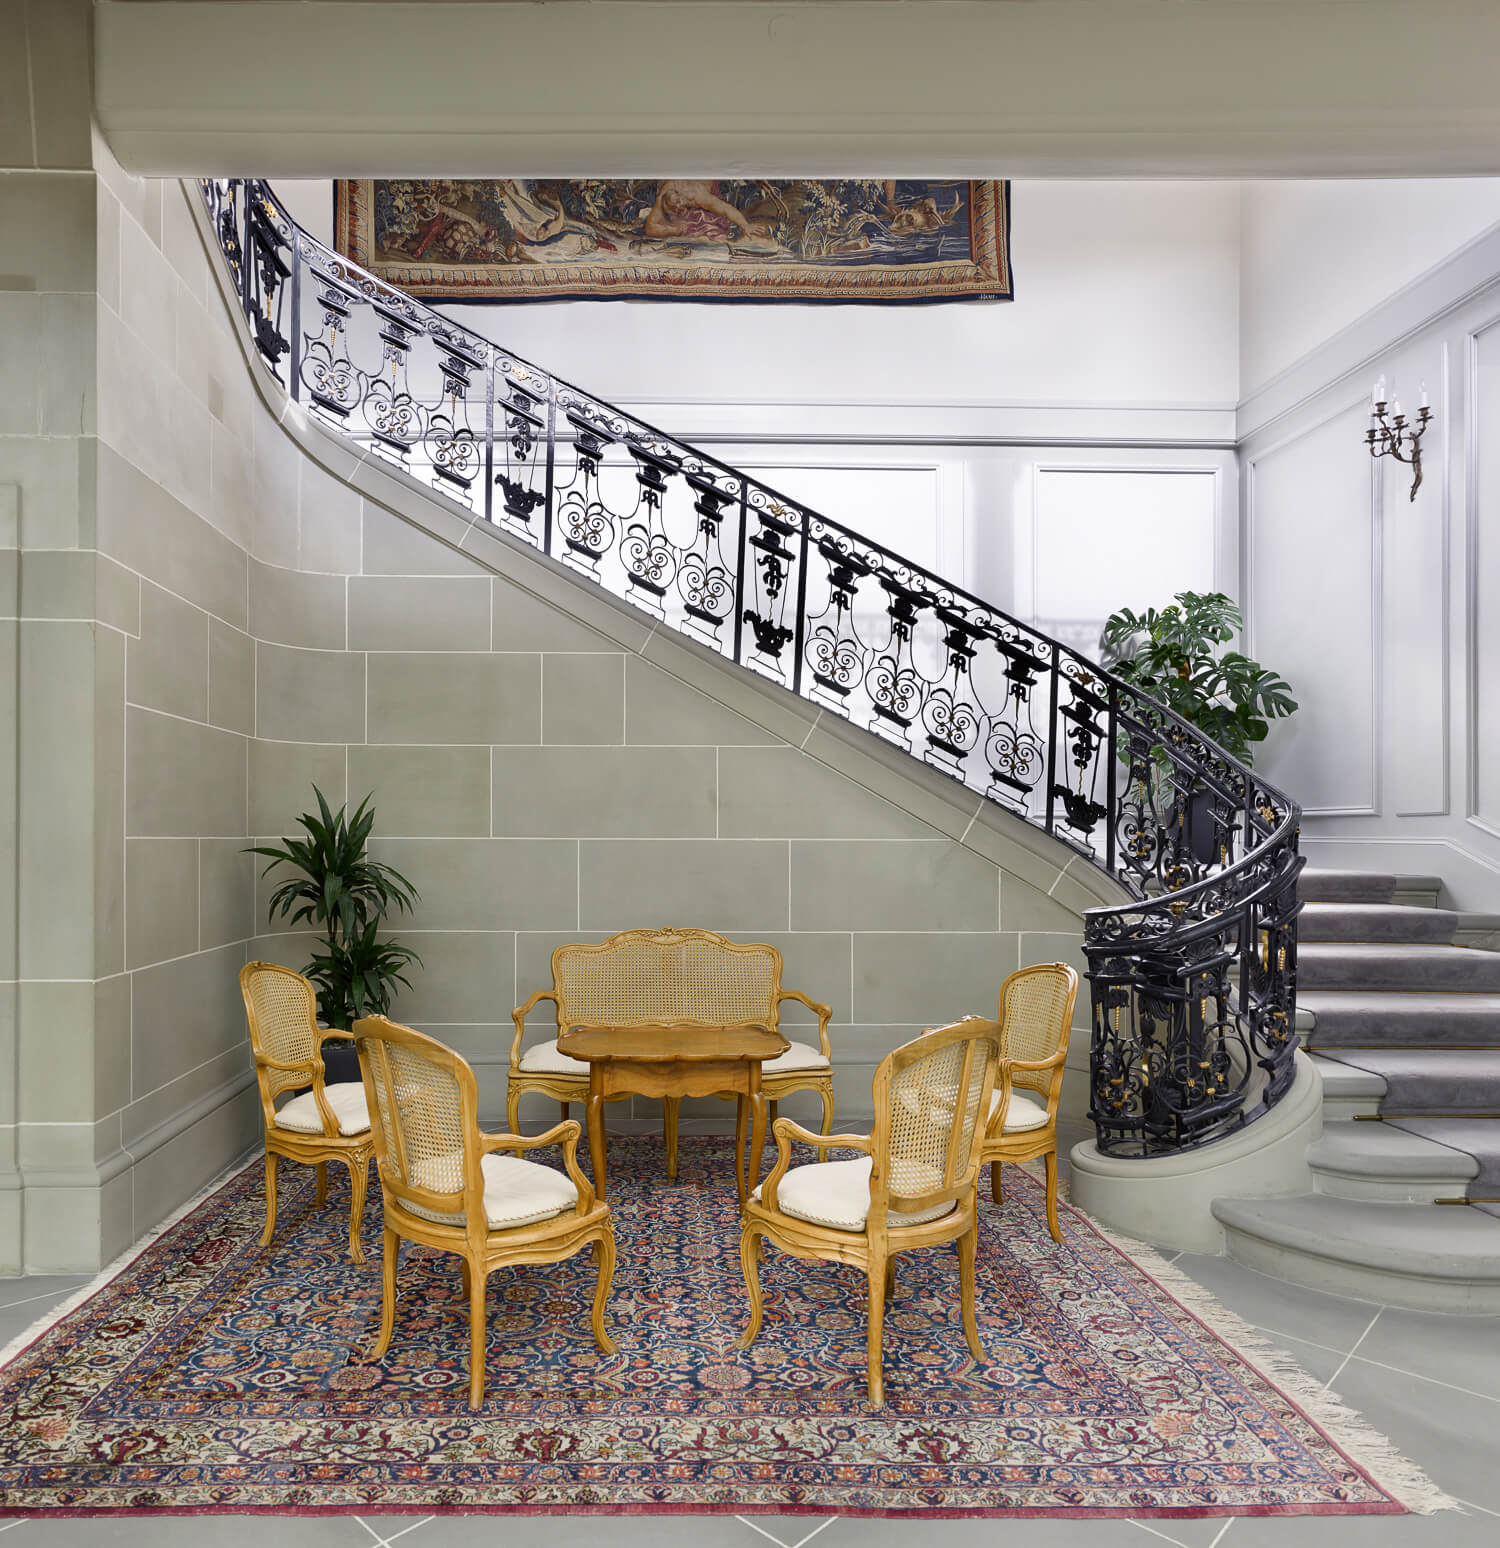 Gempeler Beatrice Von Wattenwyl-Haus